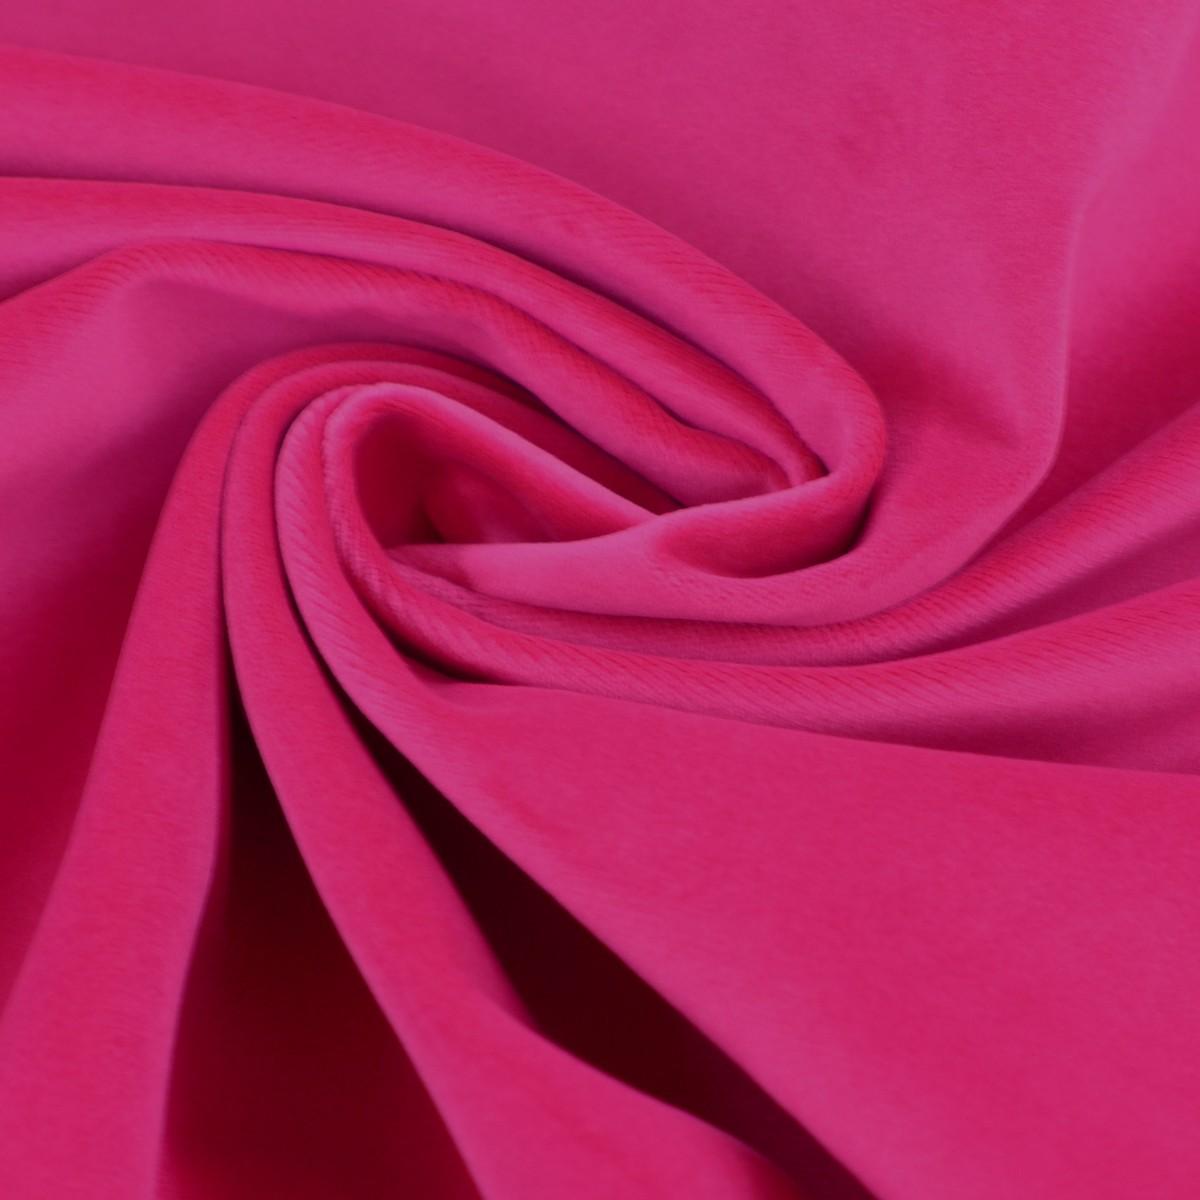 bezugsstoff polsterstoff samtstoff samt pink stoffe wohnstoffe m belstoffe. Black Bedroom Furniture Sets. Home Design Ideas